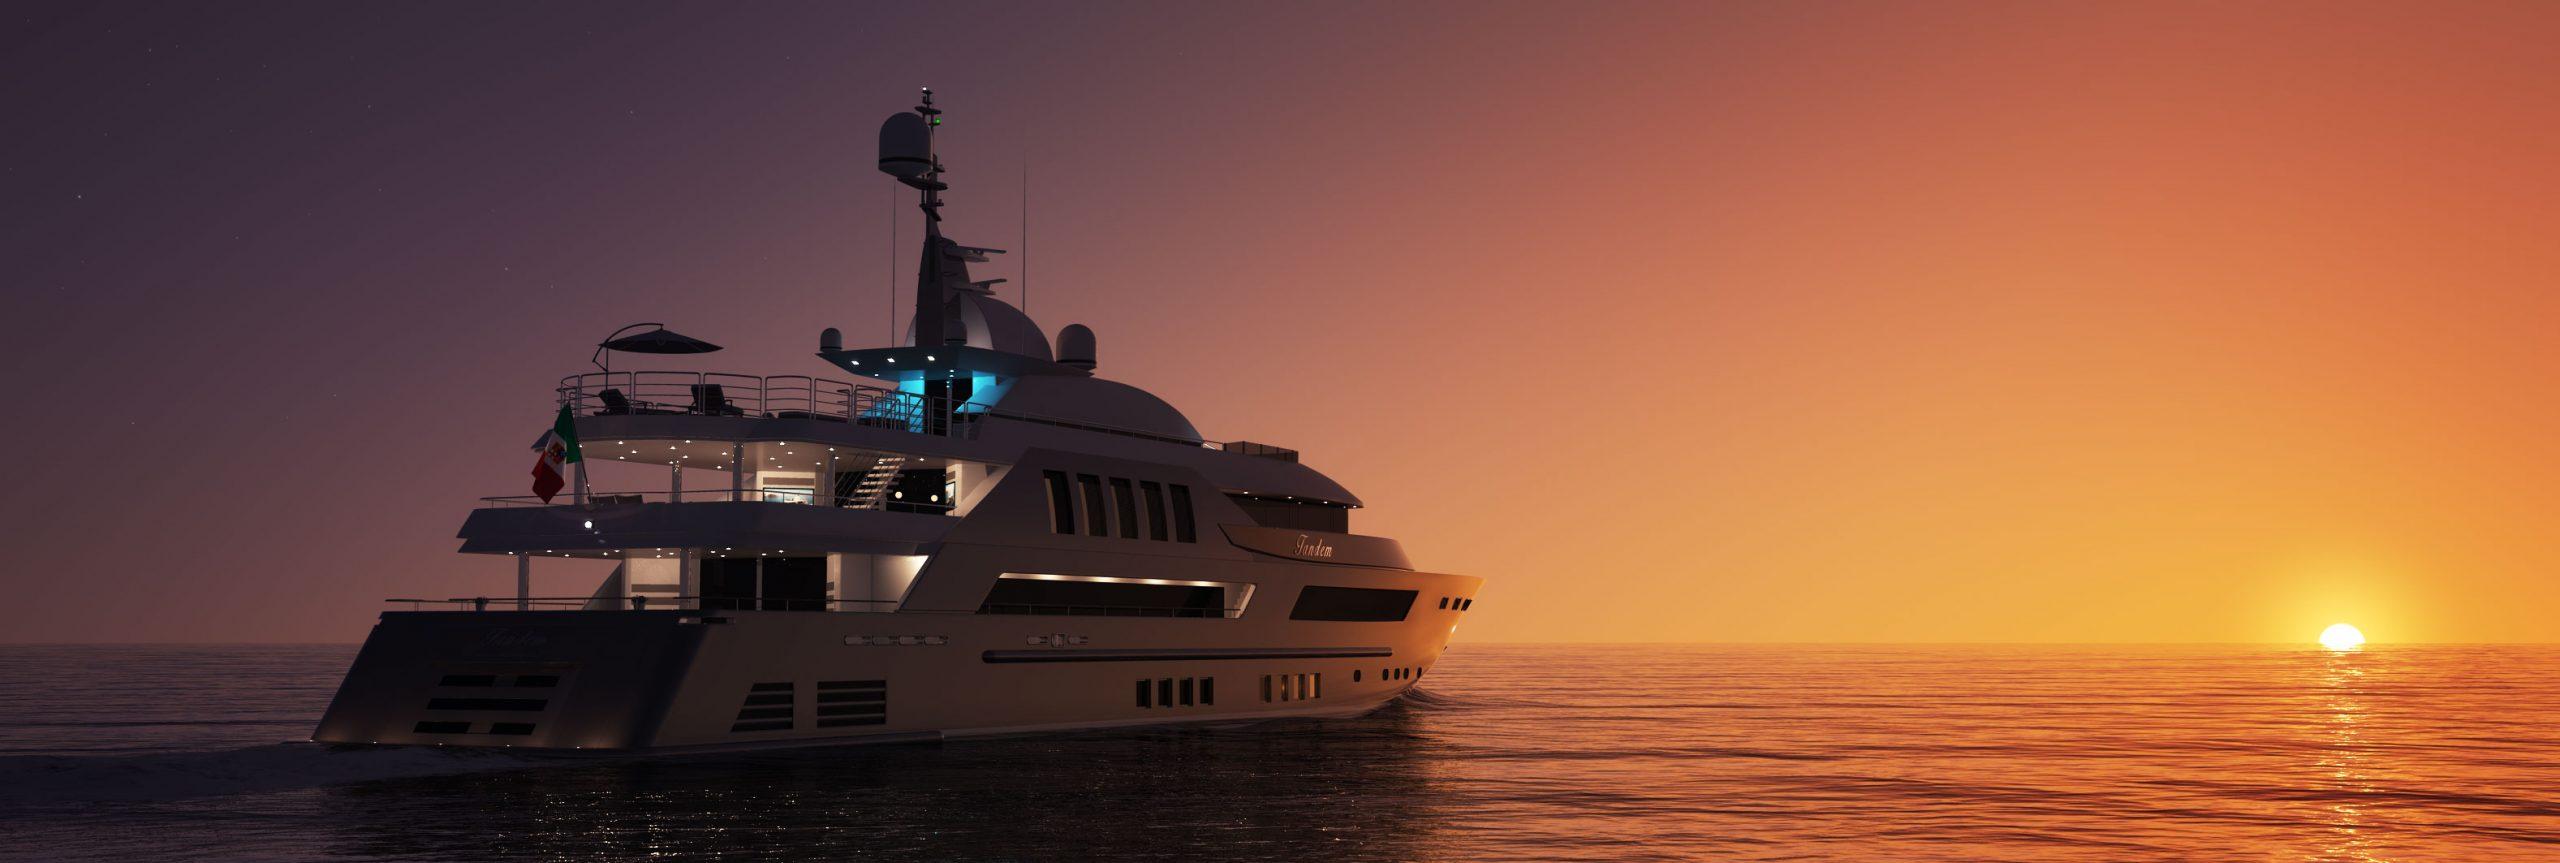 yacht nuit